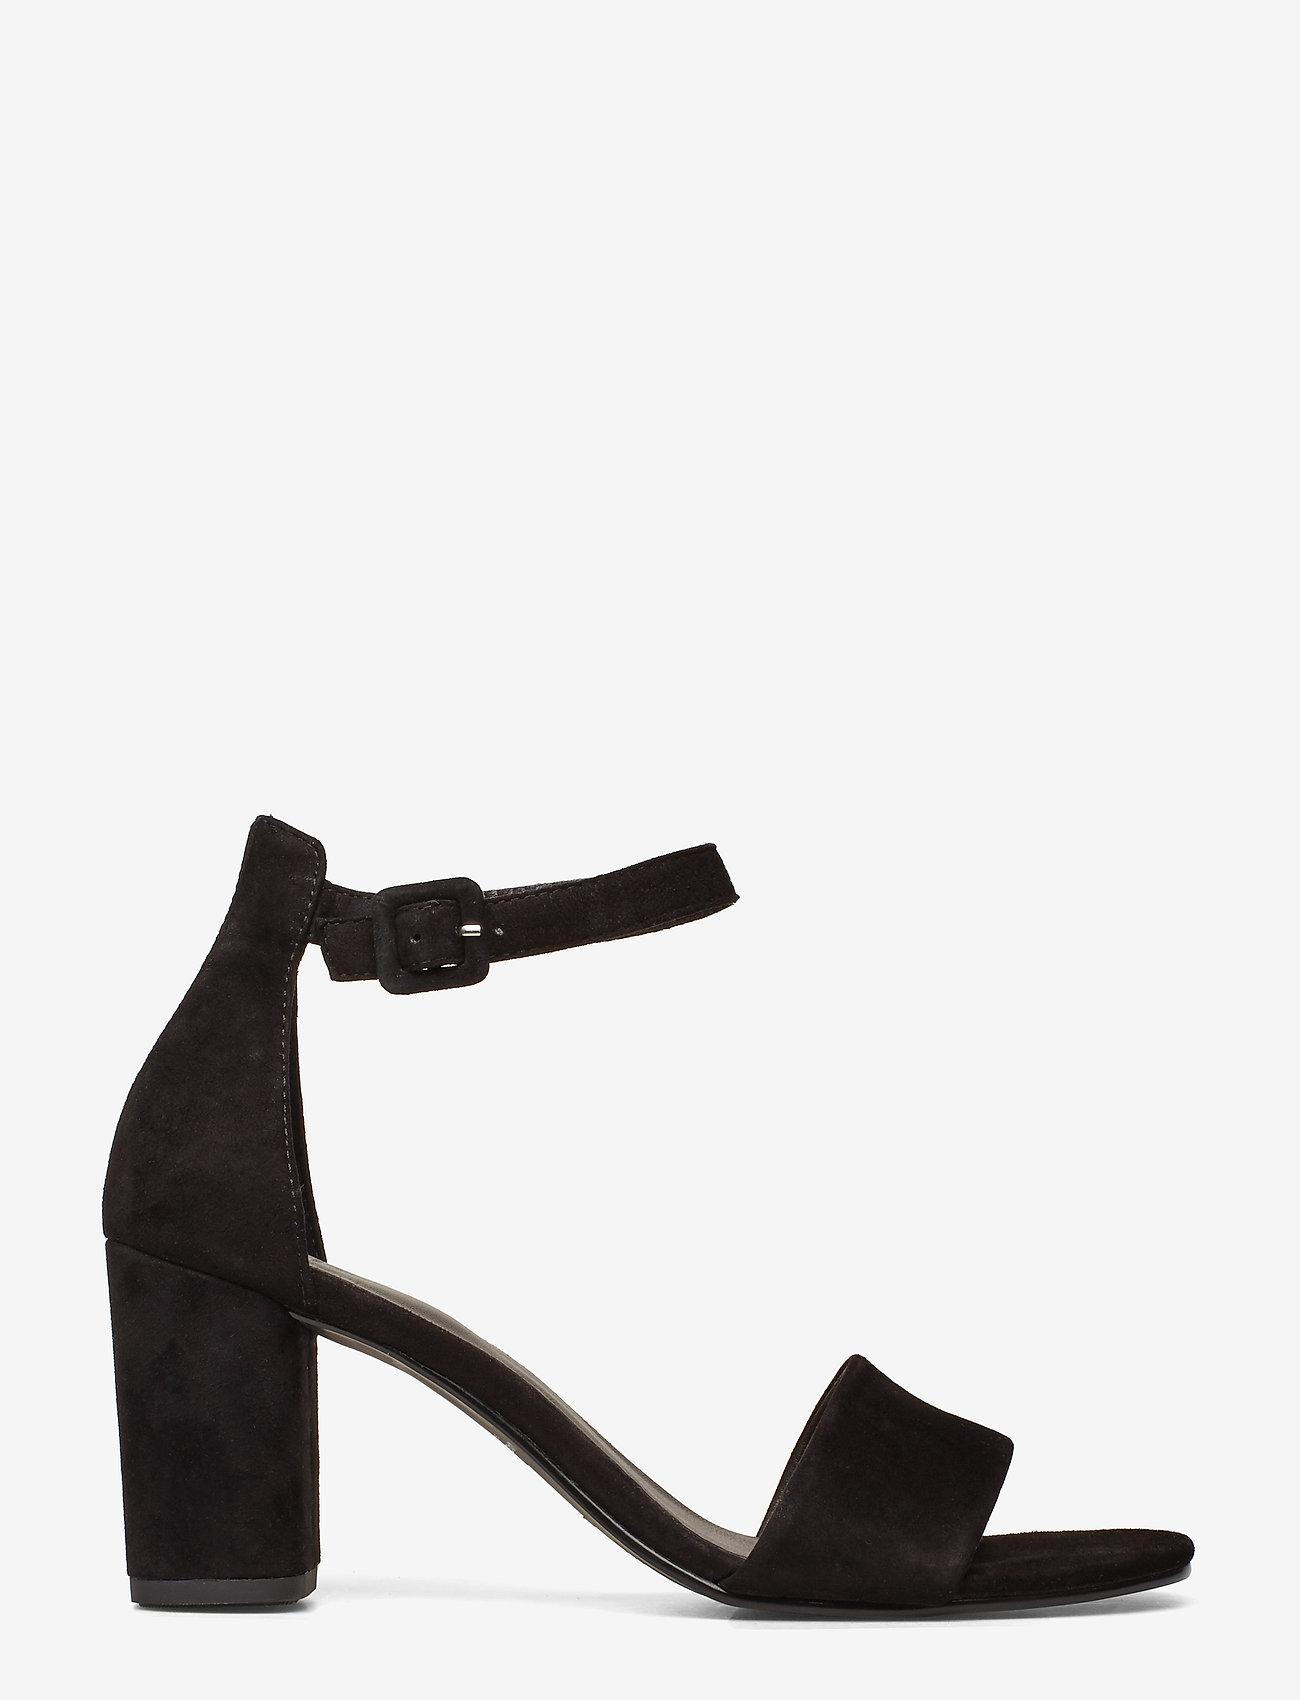 VAGABOND - PENNY - sandały na obcasie - black - 1